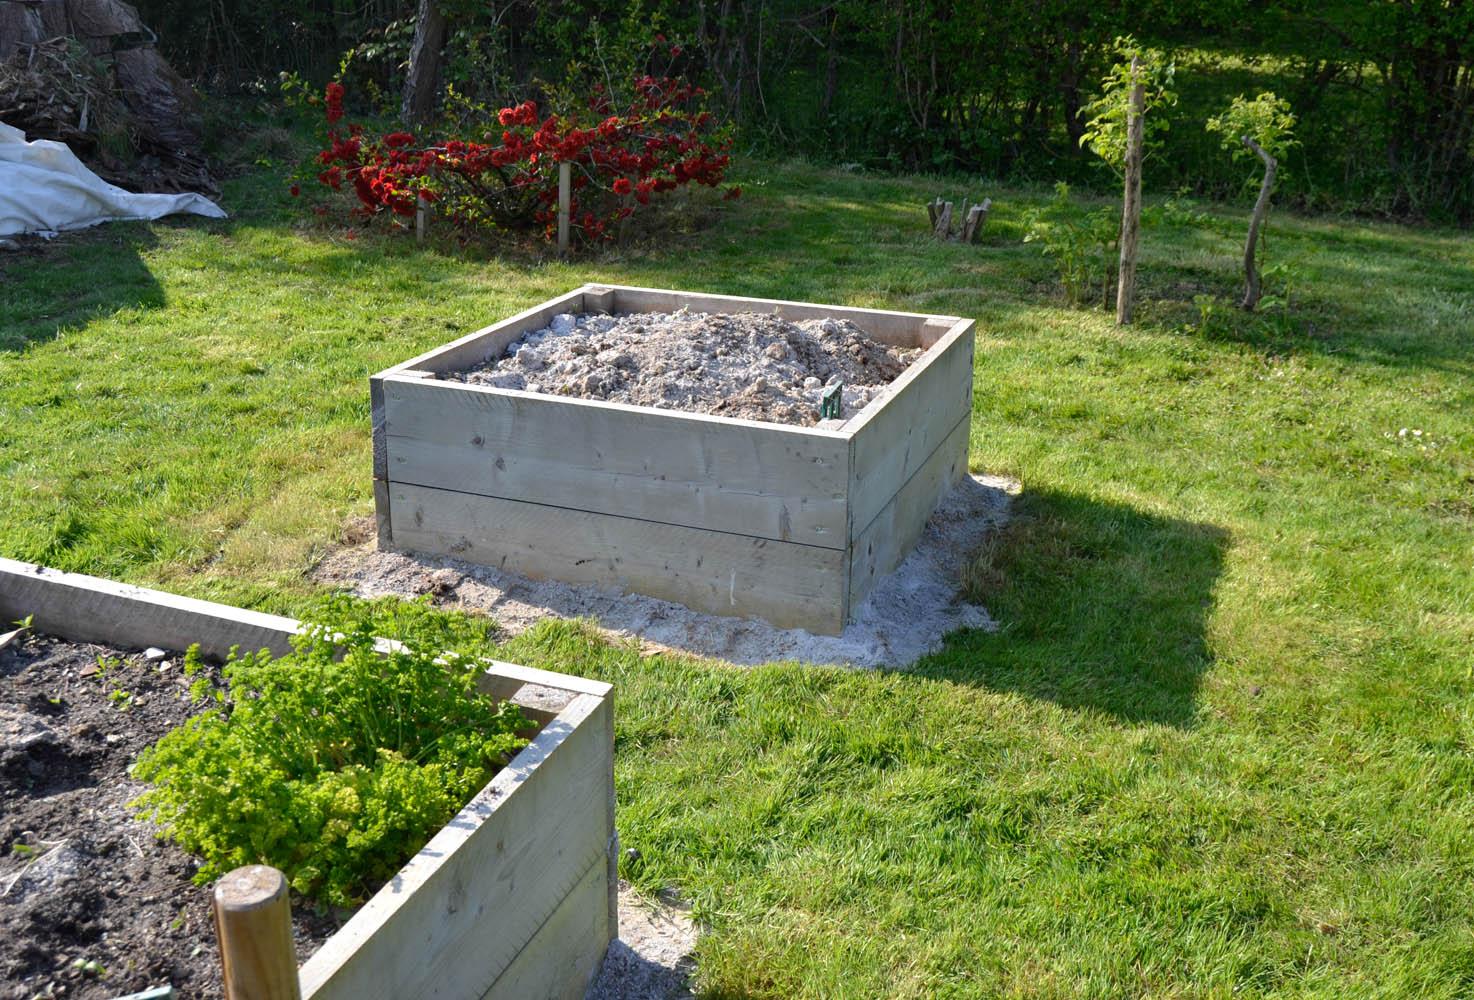 Faire un potager sur lev maman tout faire - Comment demarrer un jardin en permaculture ...